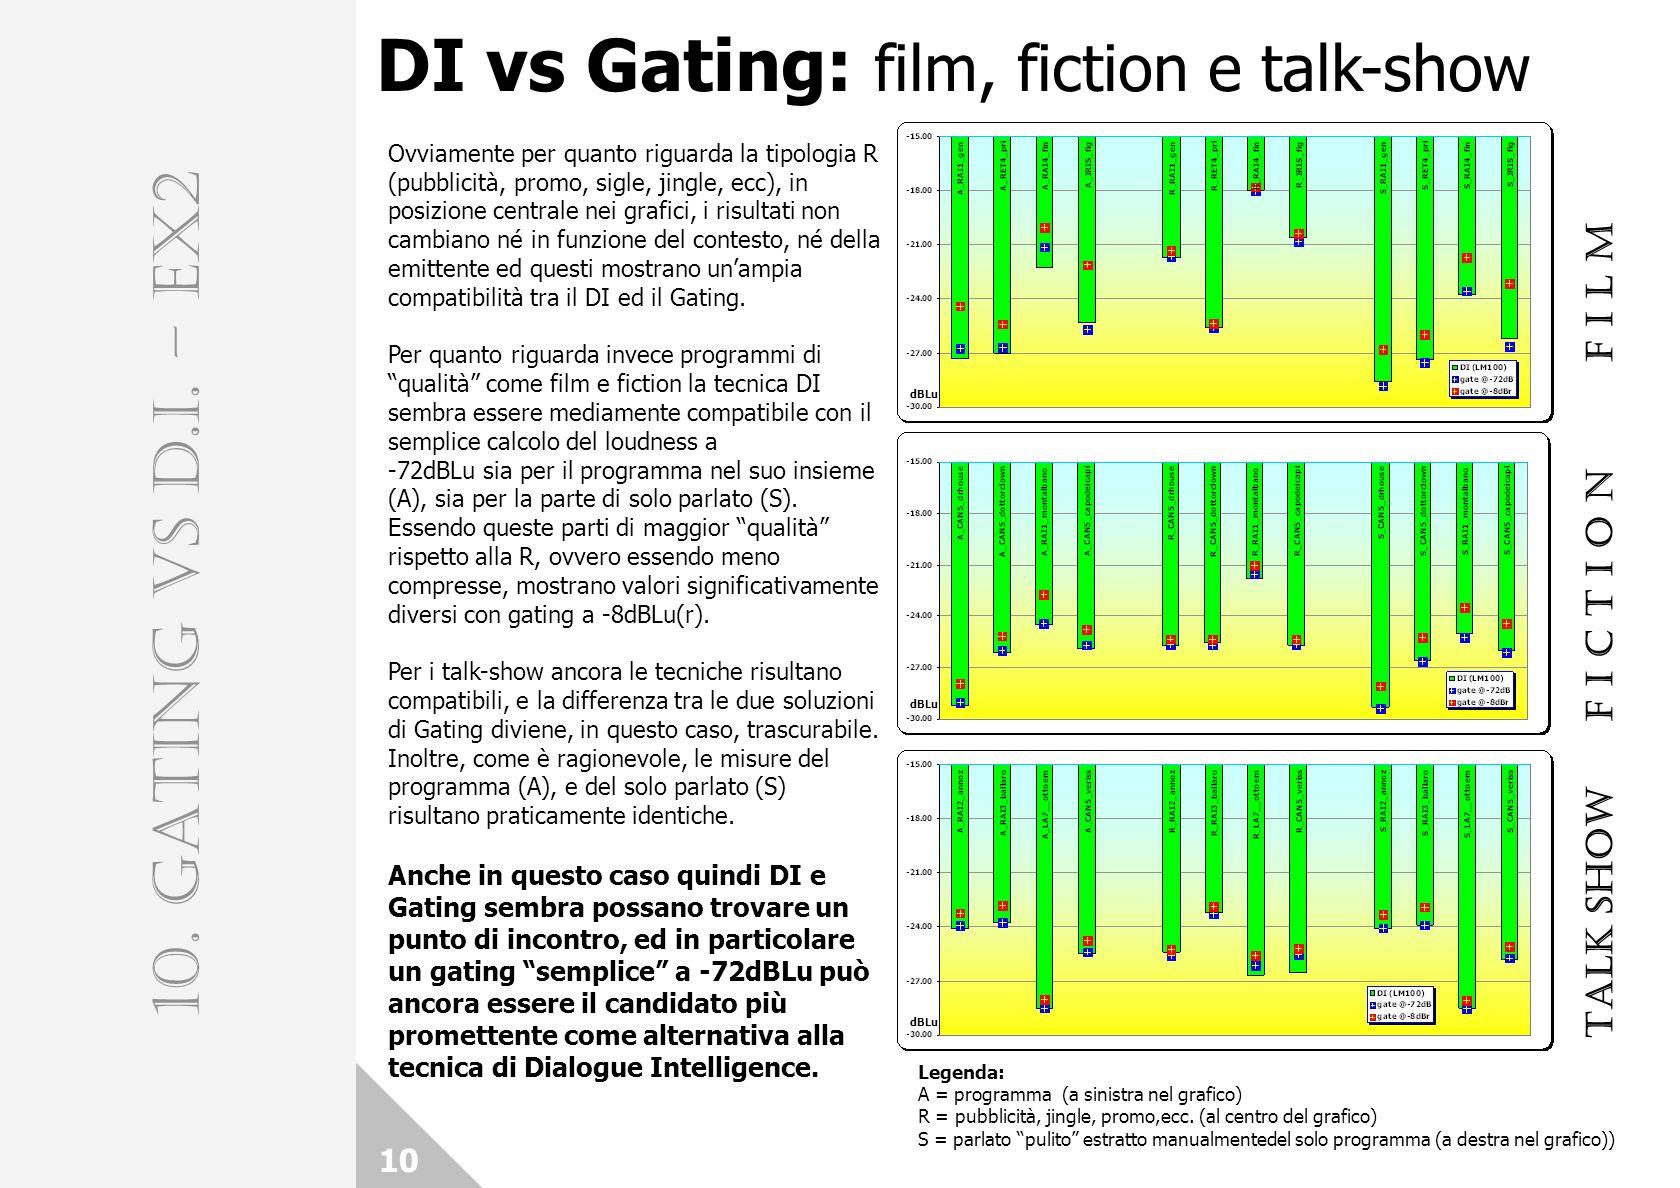 DI vs Gating: film, fiction e talk-show 10 10. GATING vs D.I. – EX2 F I L M F I C T I O N TALK SHOW Legenda: A = programma (a sinistra nel grafico) R